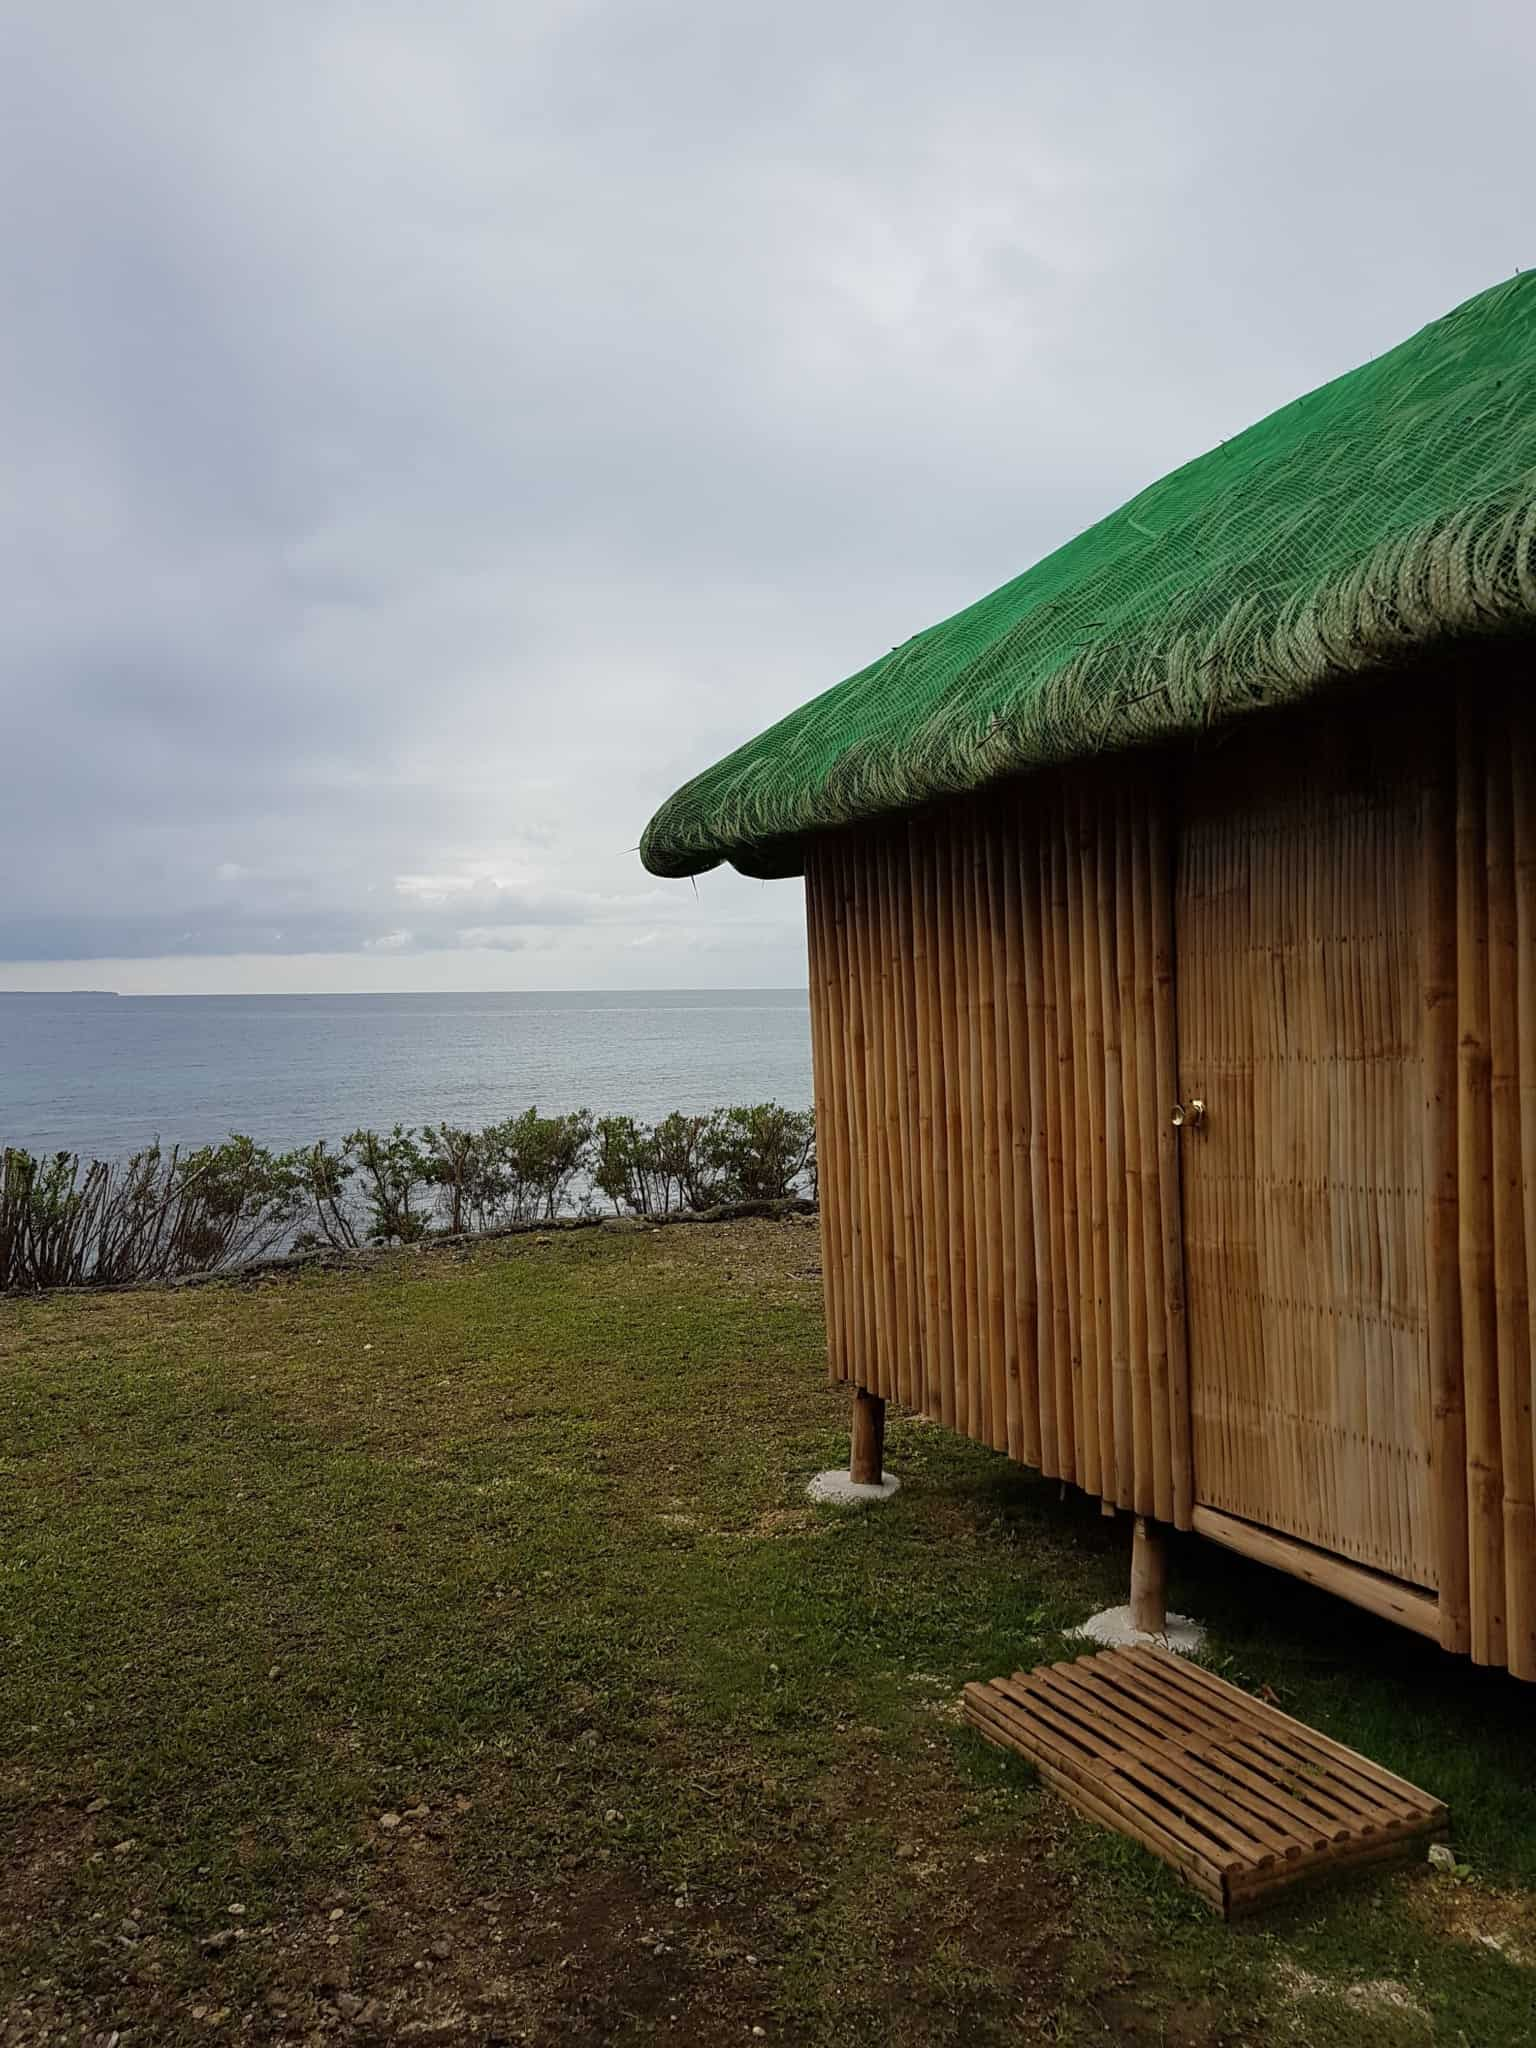 Philippines, direction l'île de Panglao 🇵🇭 13